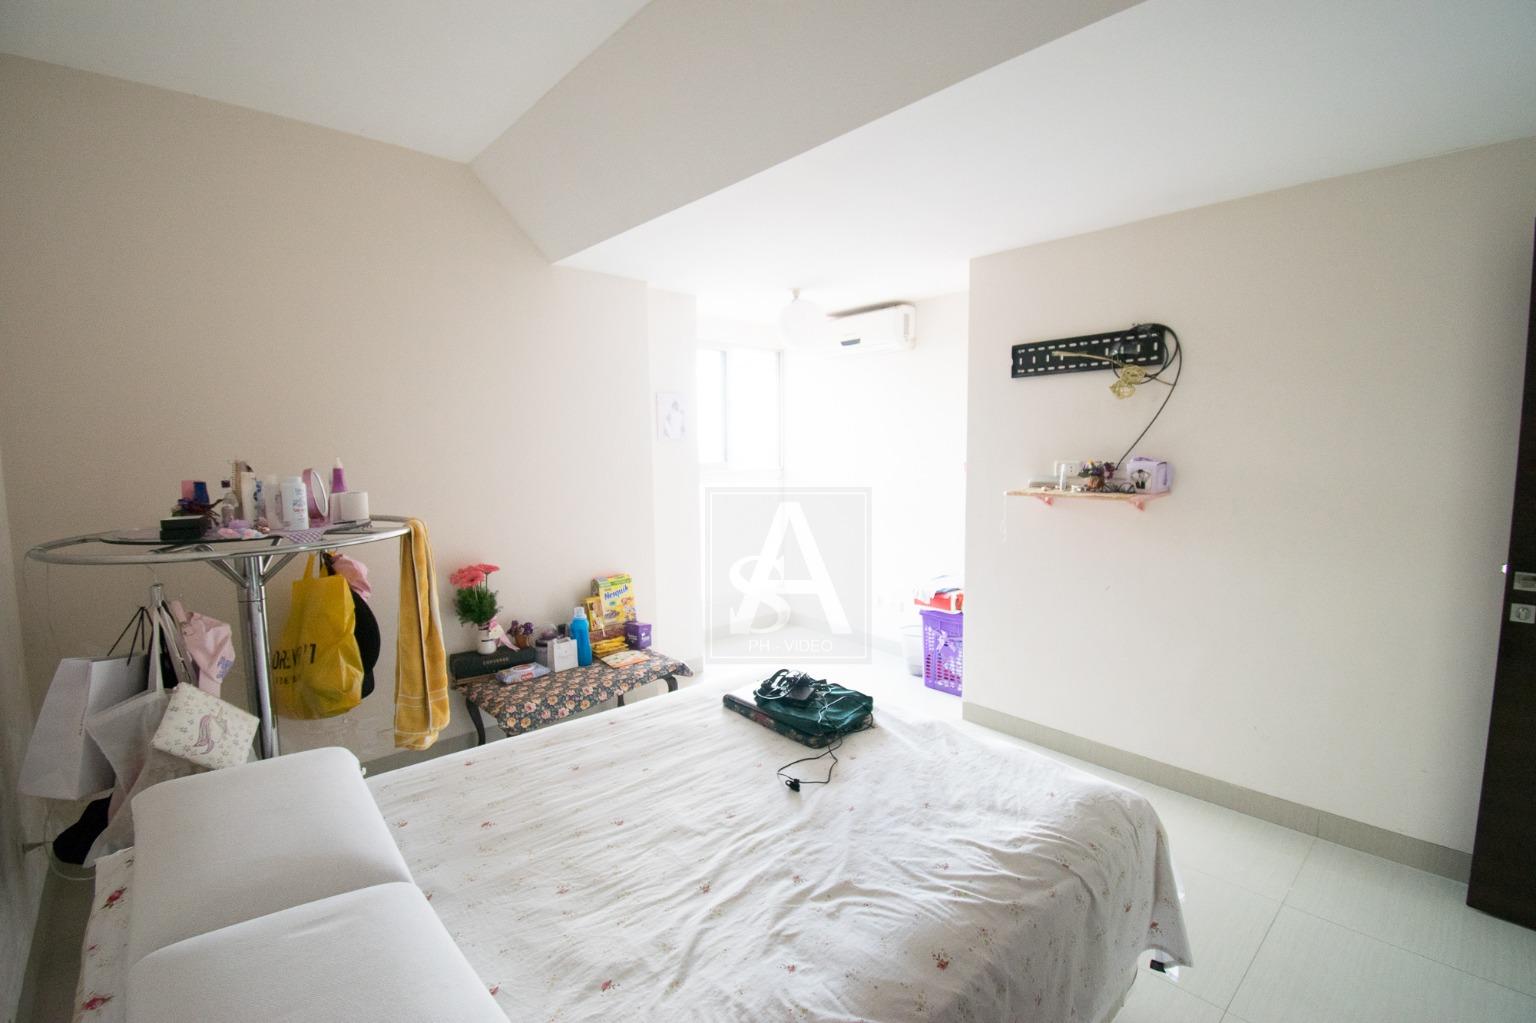 Departamento en Venta DEPARTAMENTO EN VENTA - CONDOMINIO PLAZA GUAPAY - 166.60 m². - AV. GUAPAY Foto 6